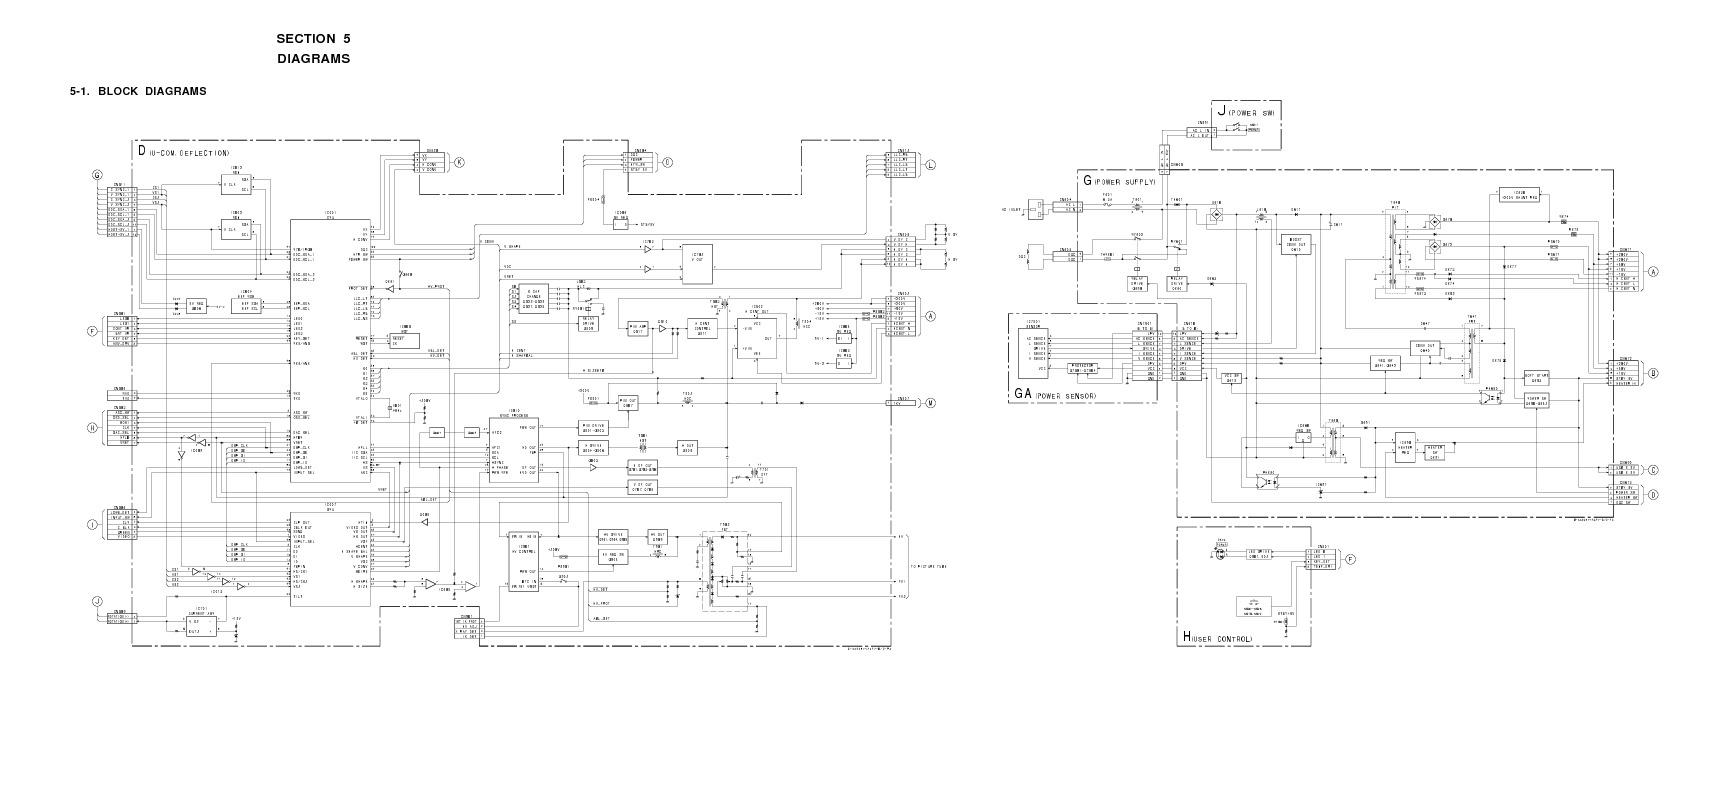 Hewlett Packard A4576.pdf